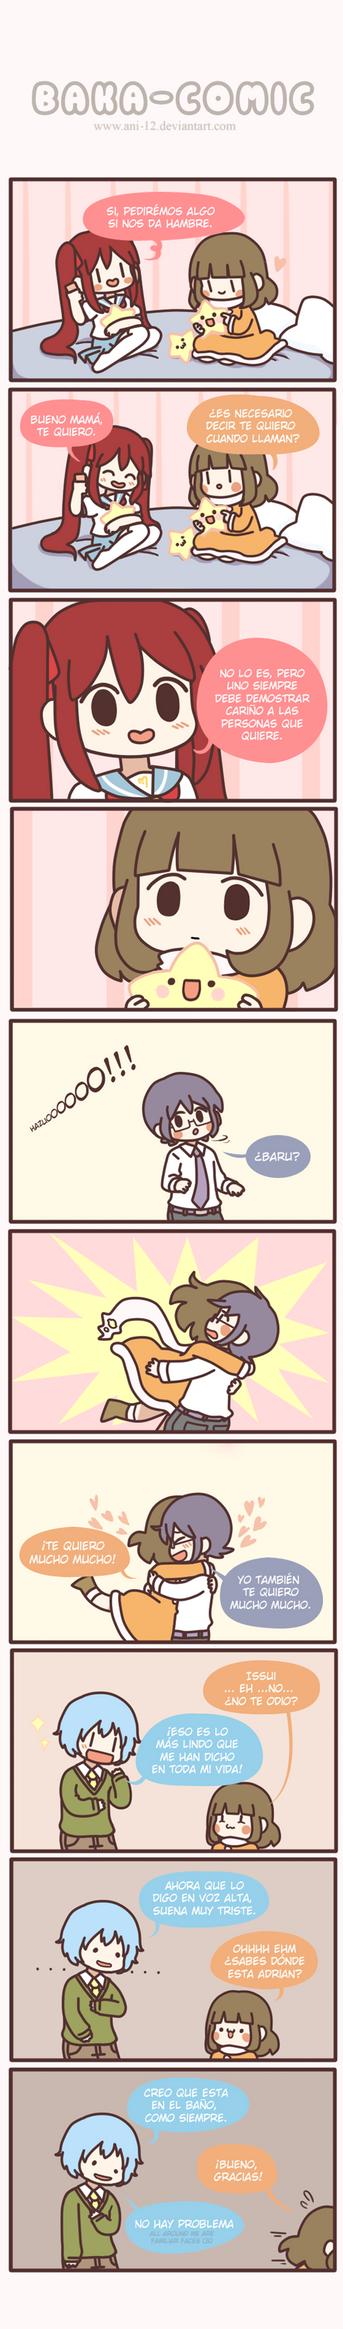 Baka-Comic 64 by Ani-12